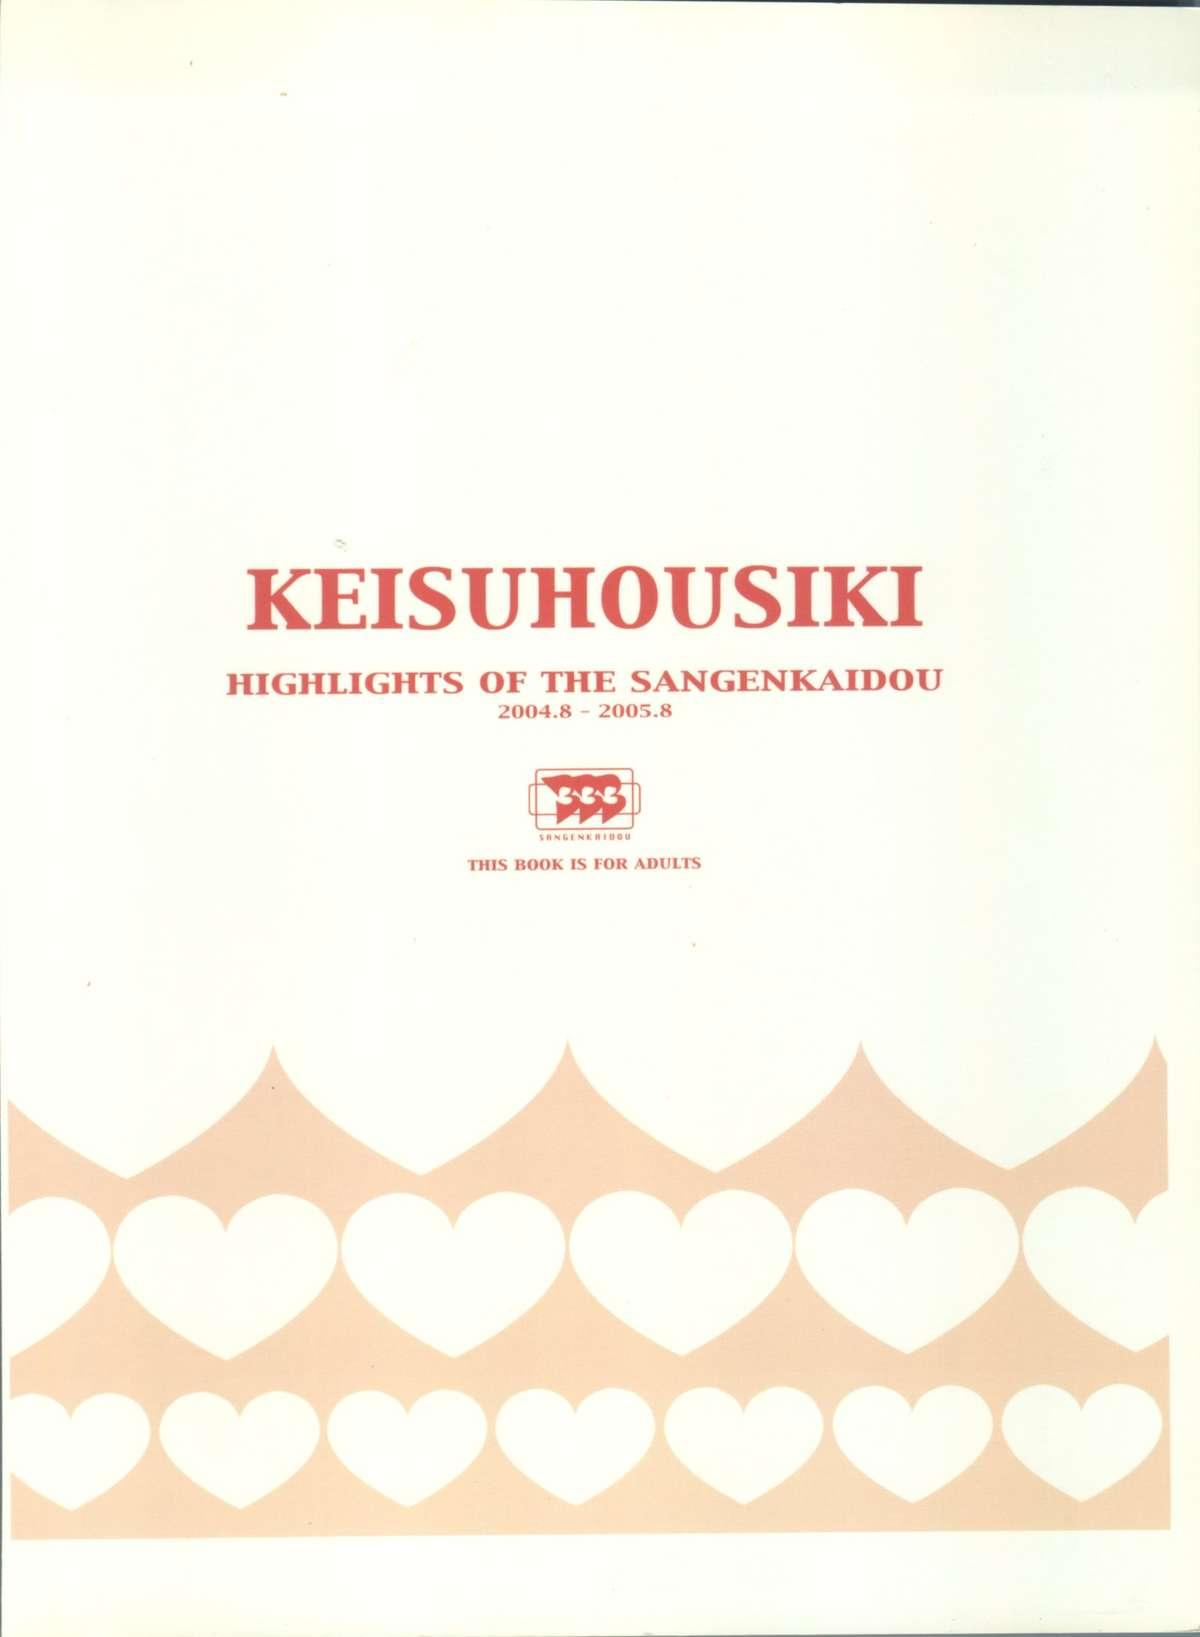 KEISUHOUSIKI 3 1